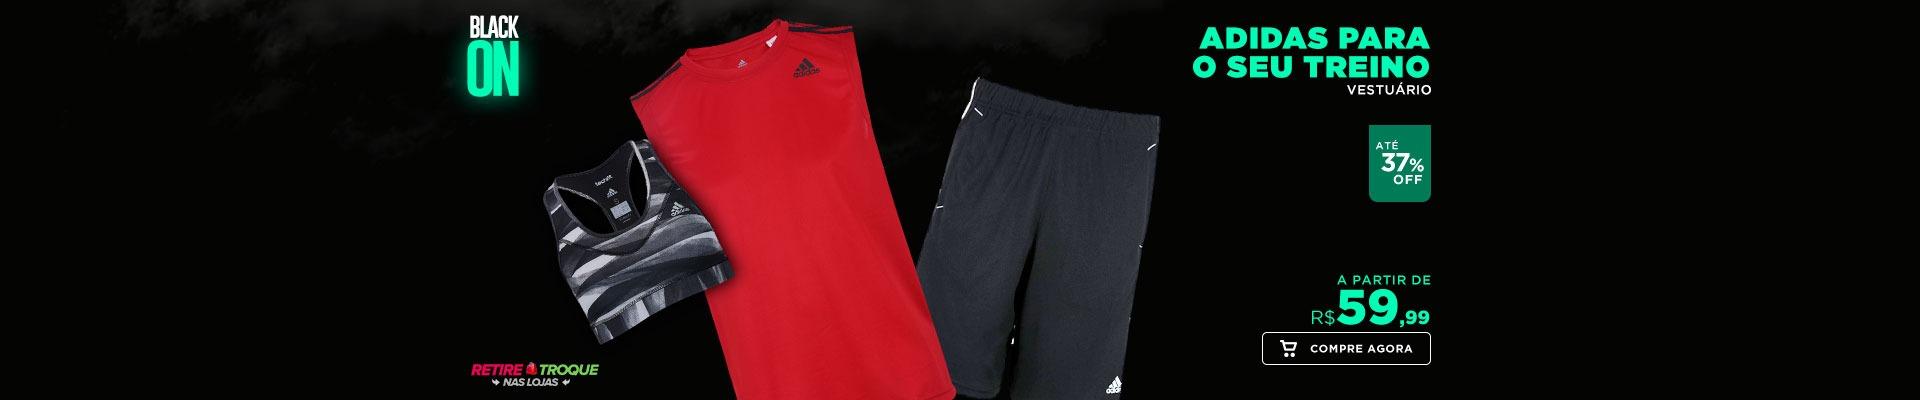 Adidas para o seu Treino - Vestuário